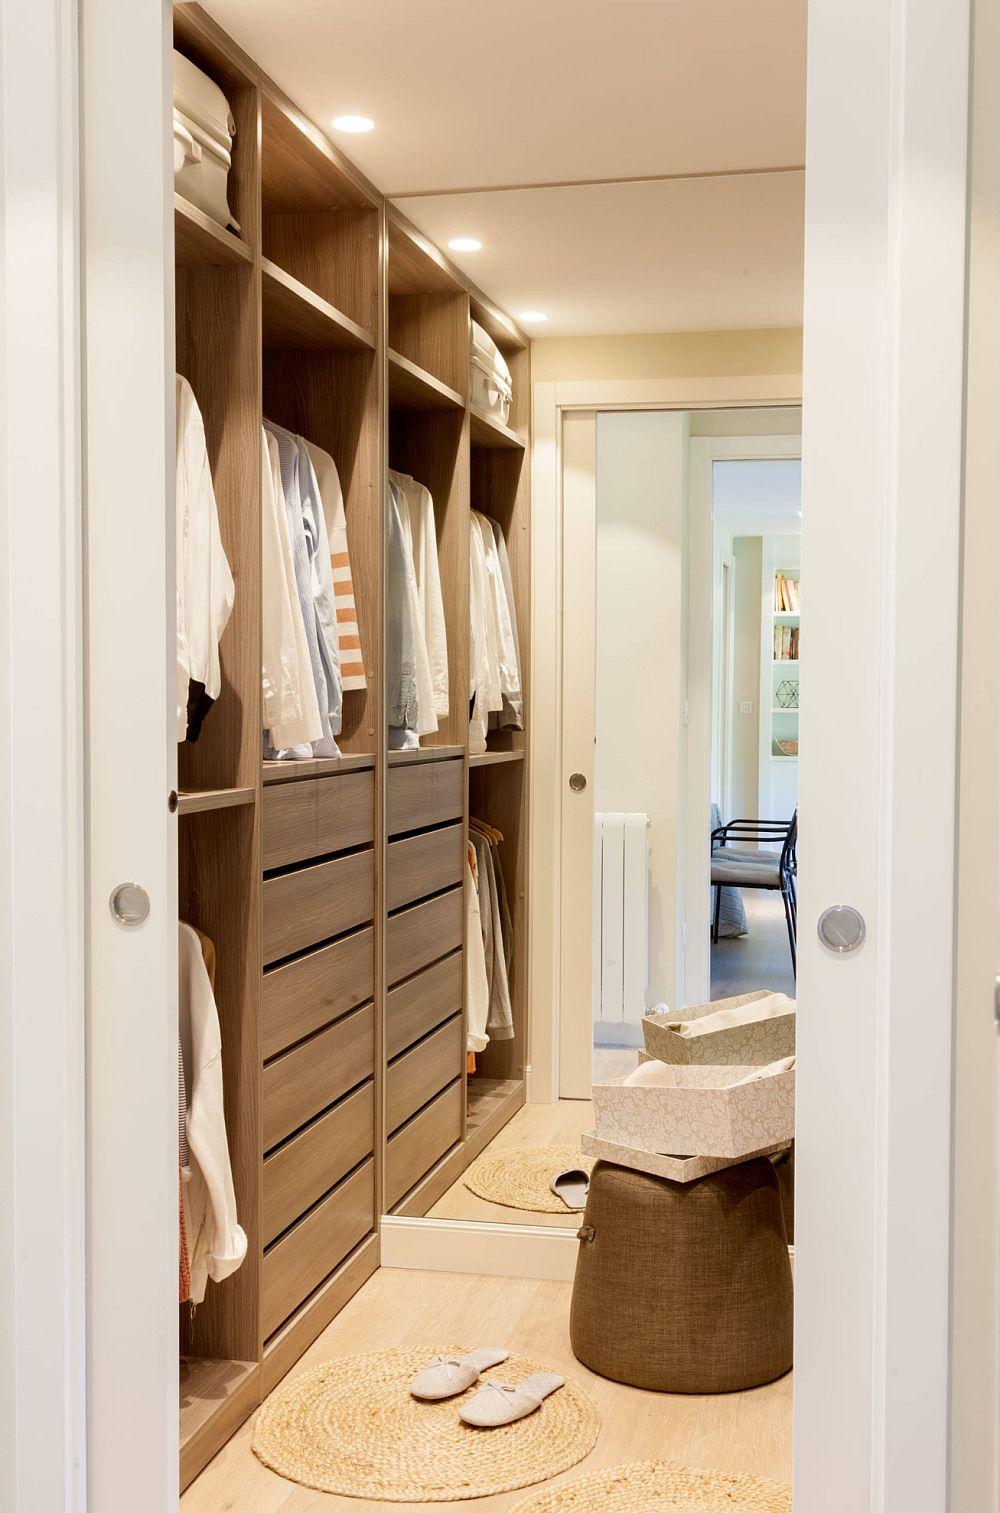 Între dormitor și baie este configurat un loc suplimentar de dressing, deci un alt spațiu de depozitare mult dorit de către proprietari. Între corpurile de mobilier situate de-o parte și alta a spațiului este montată o oglindă în care se vede o parte din zona de zi.